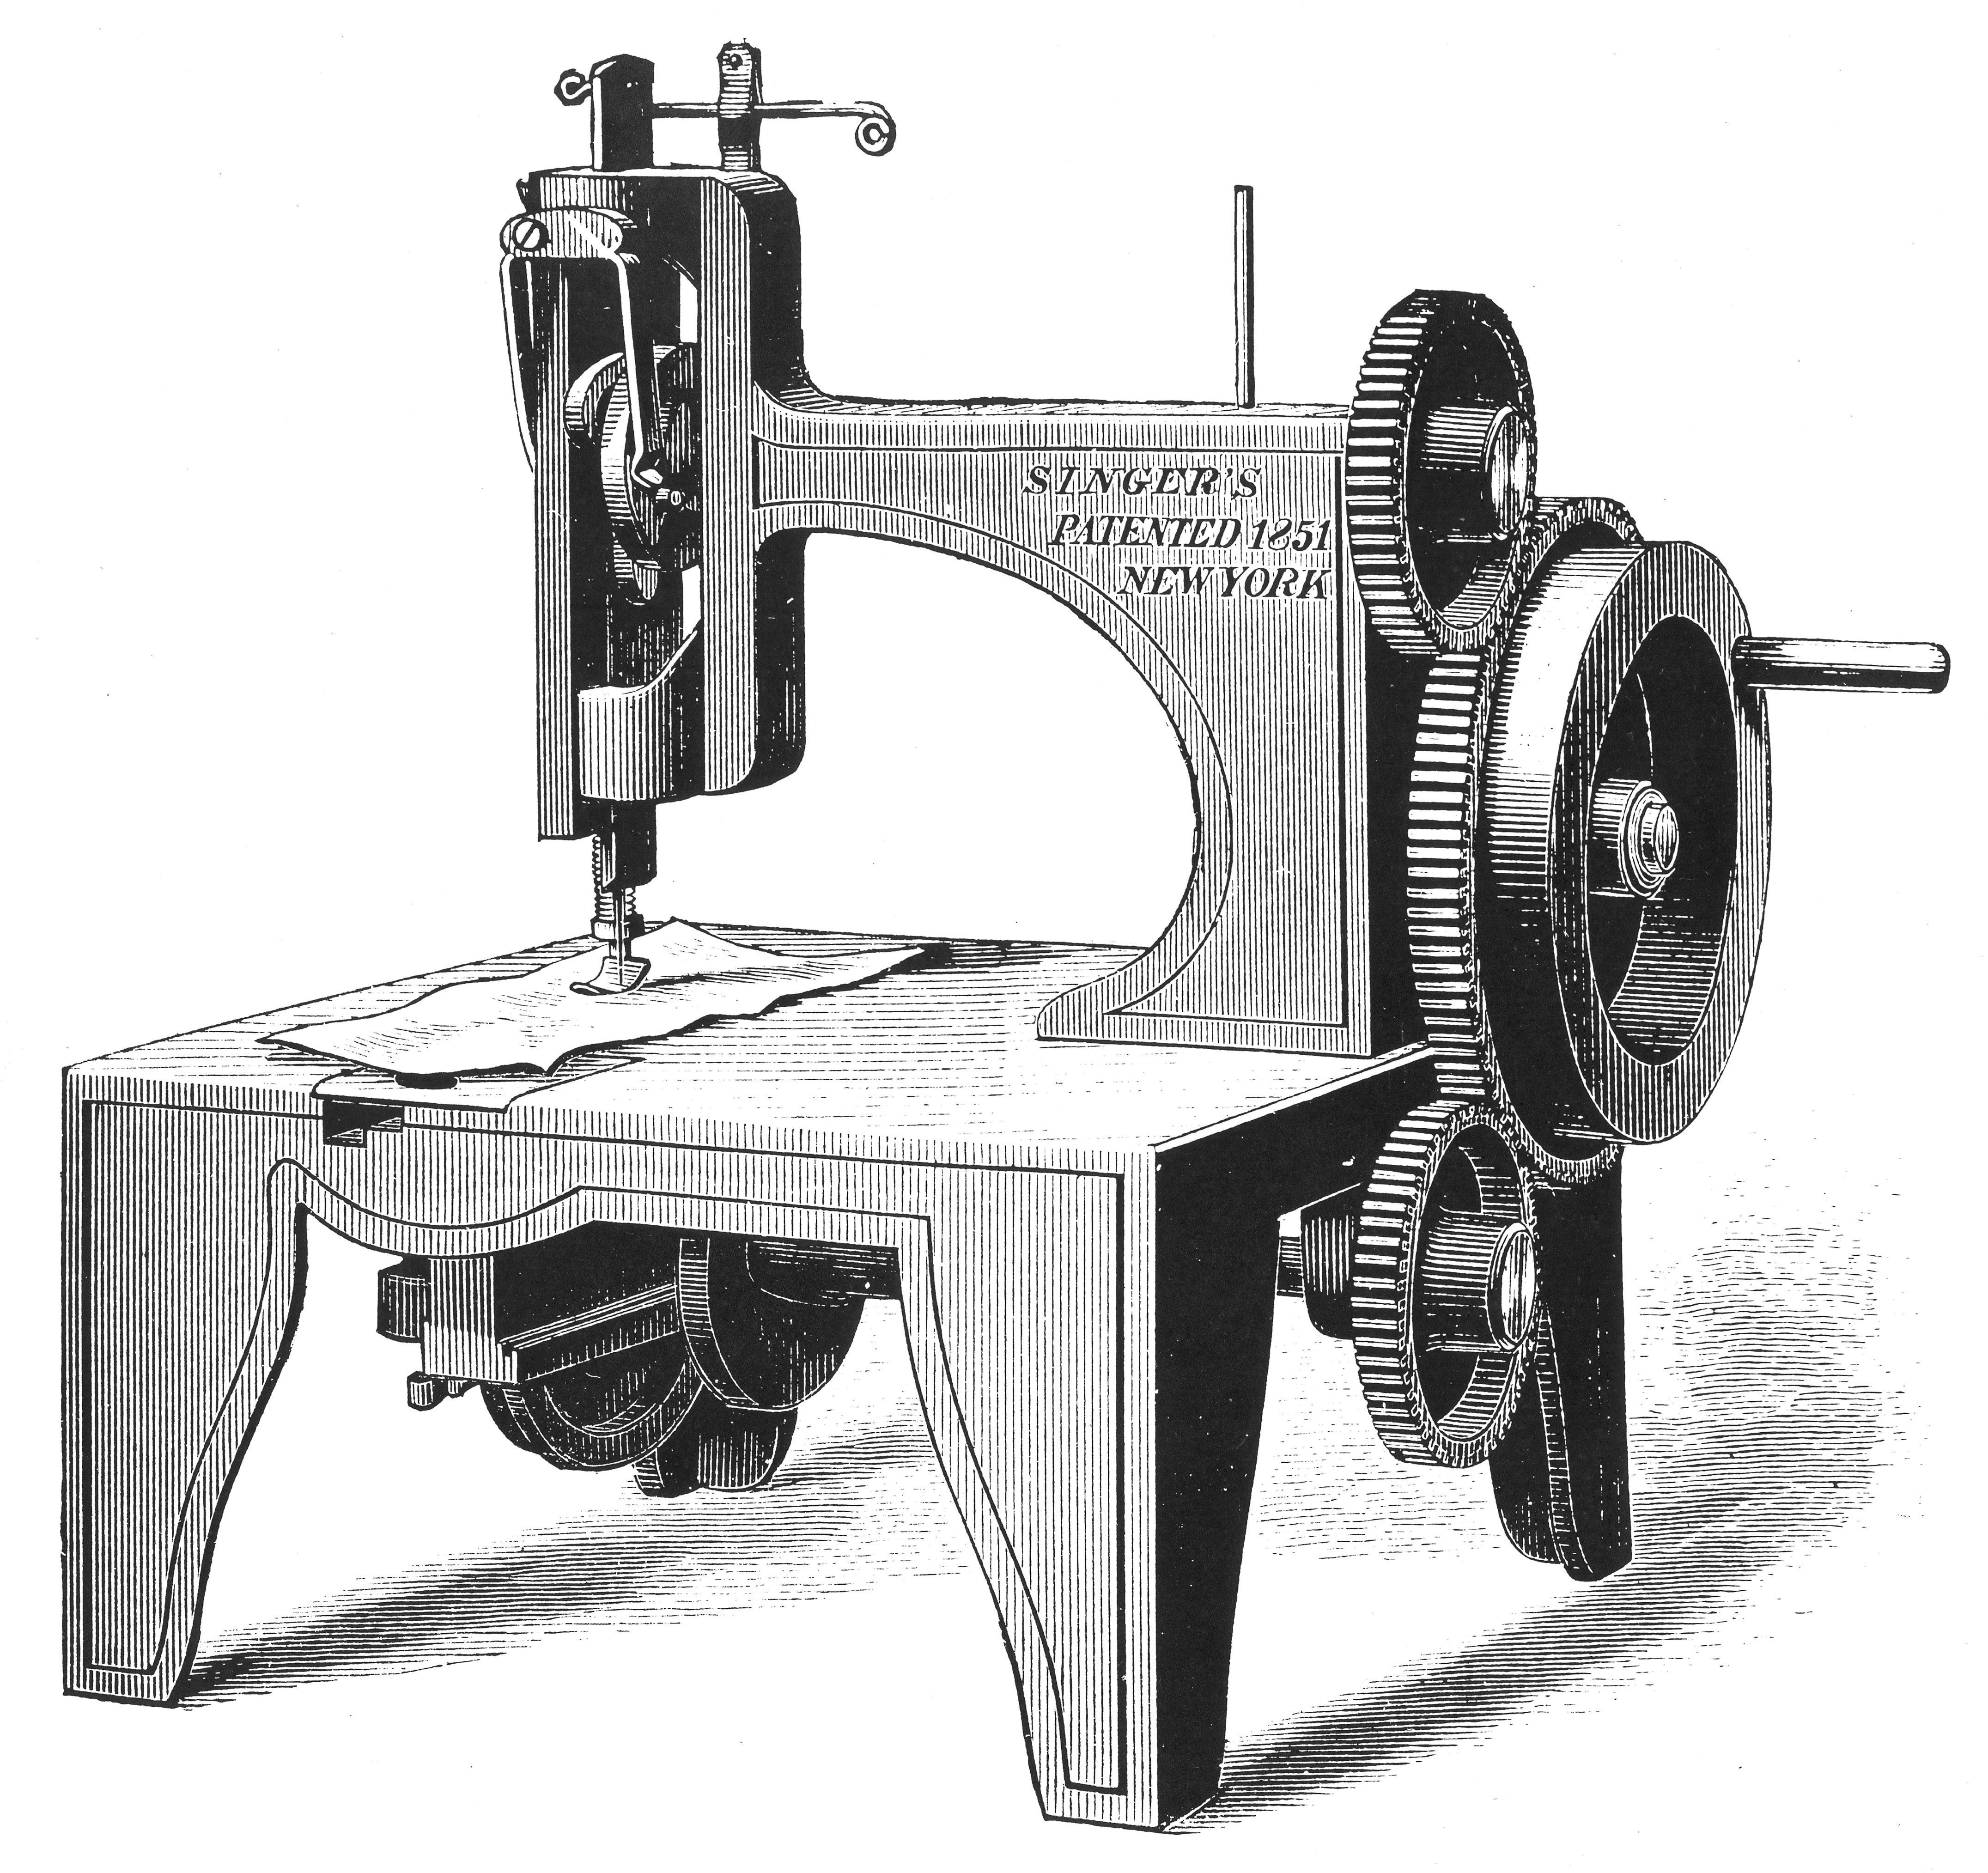 запросу первая швейная машина фото кто изобрел береговой линии моря